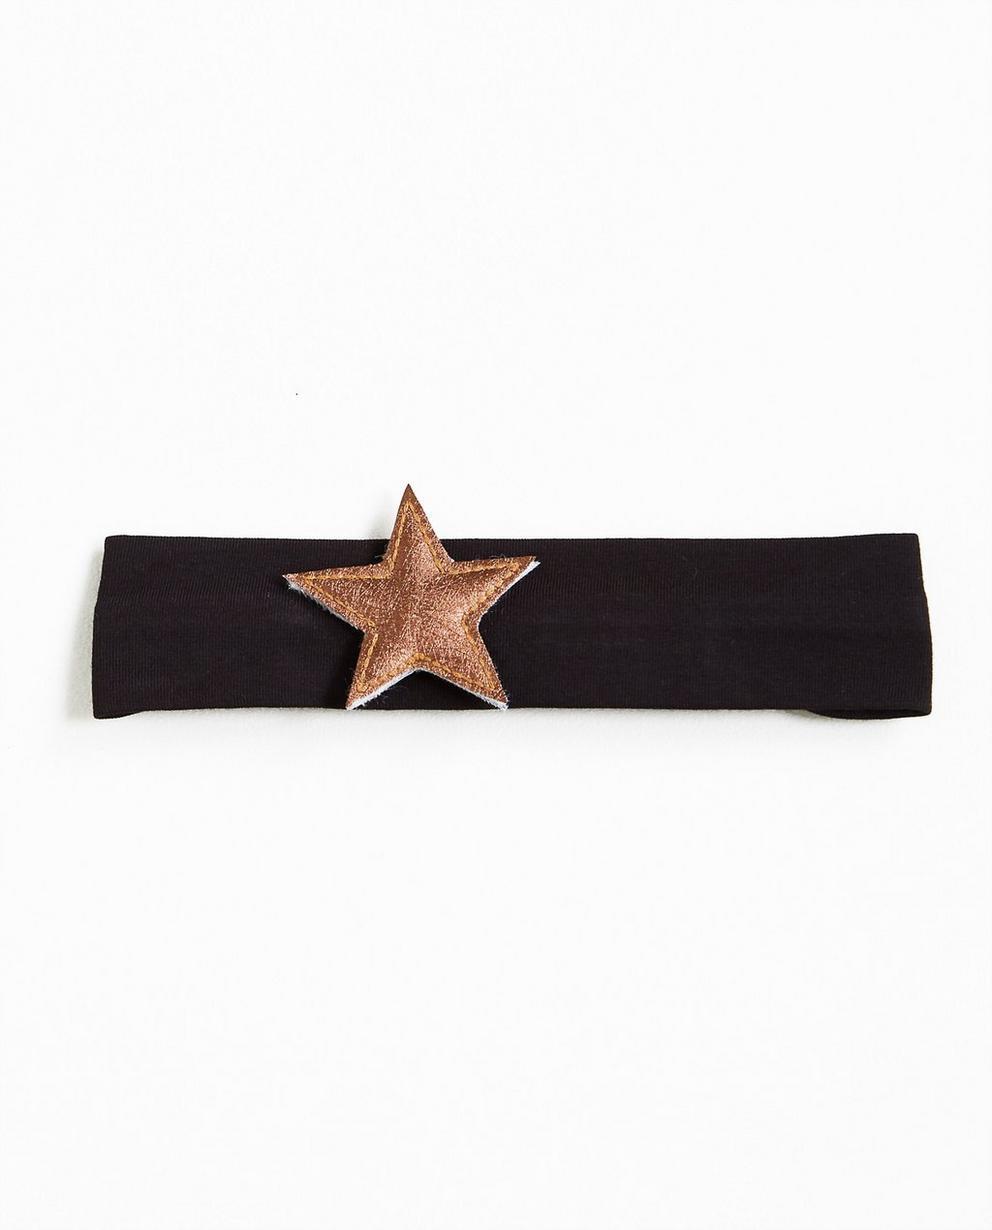 Zwarte stretchy haarband - met metallic ster - JBC